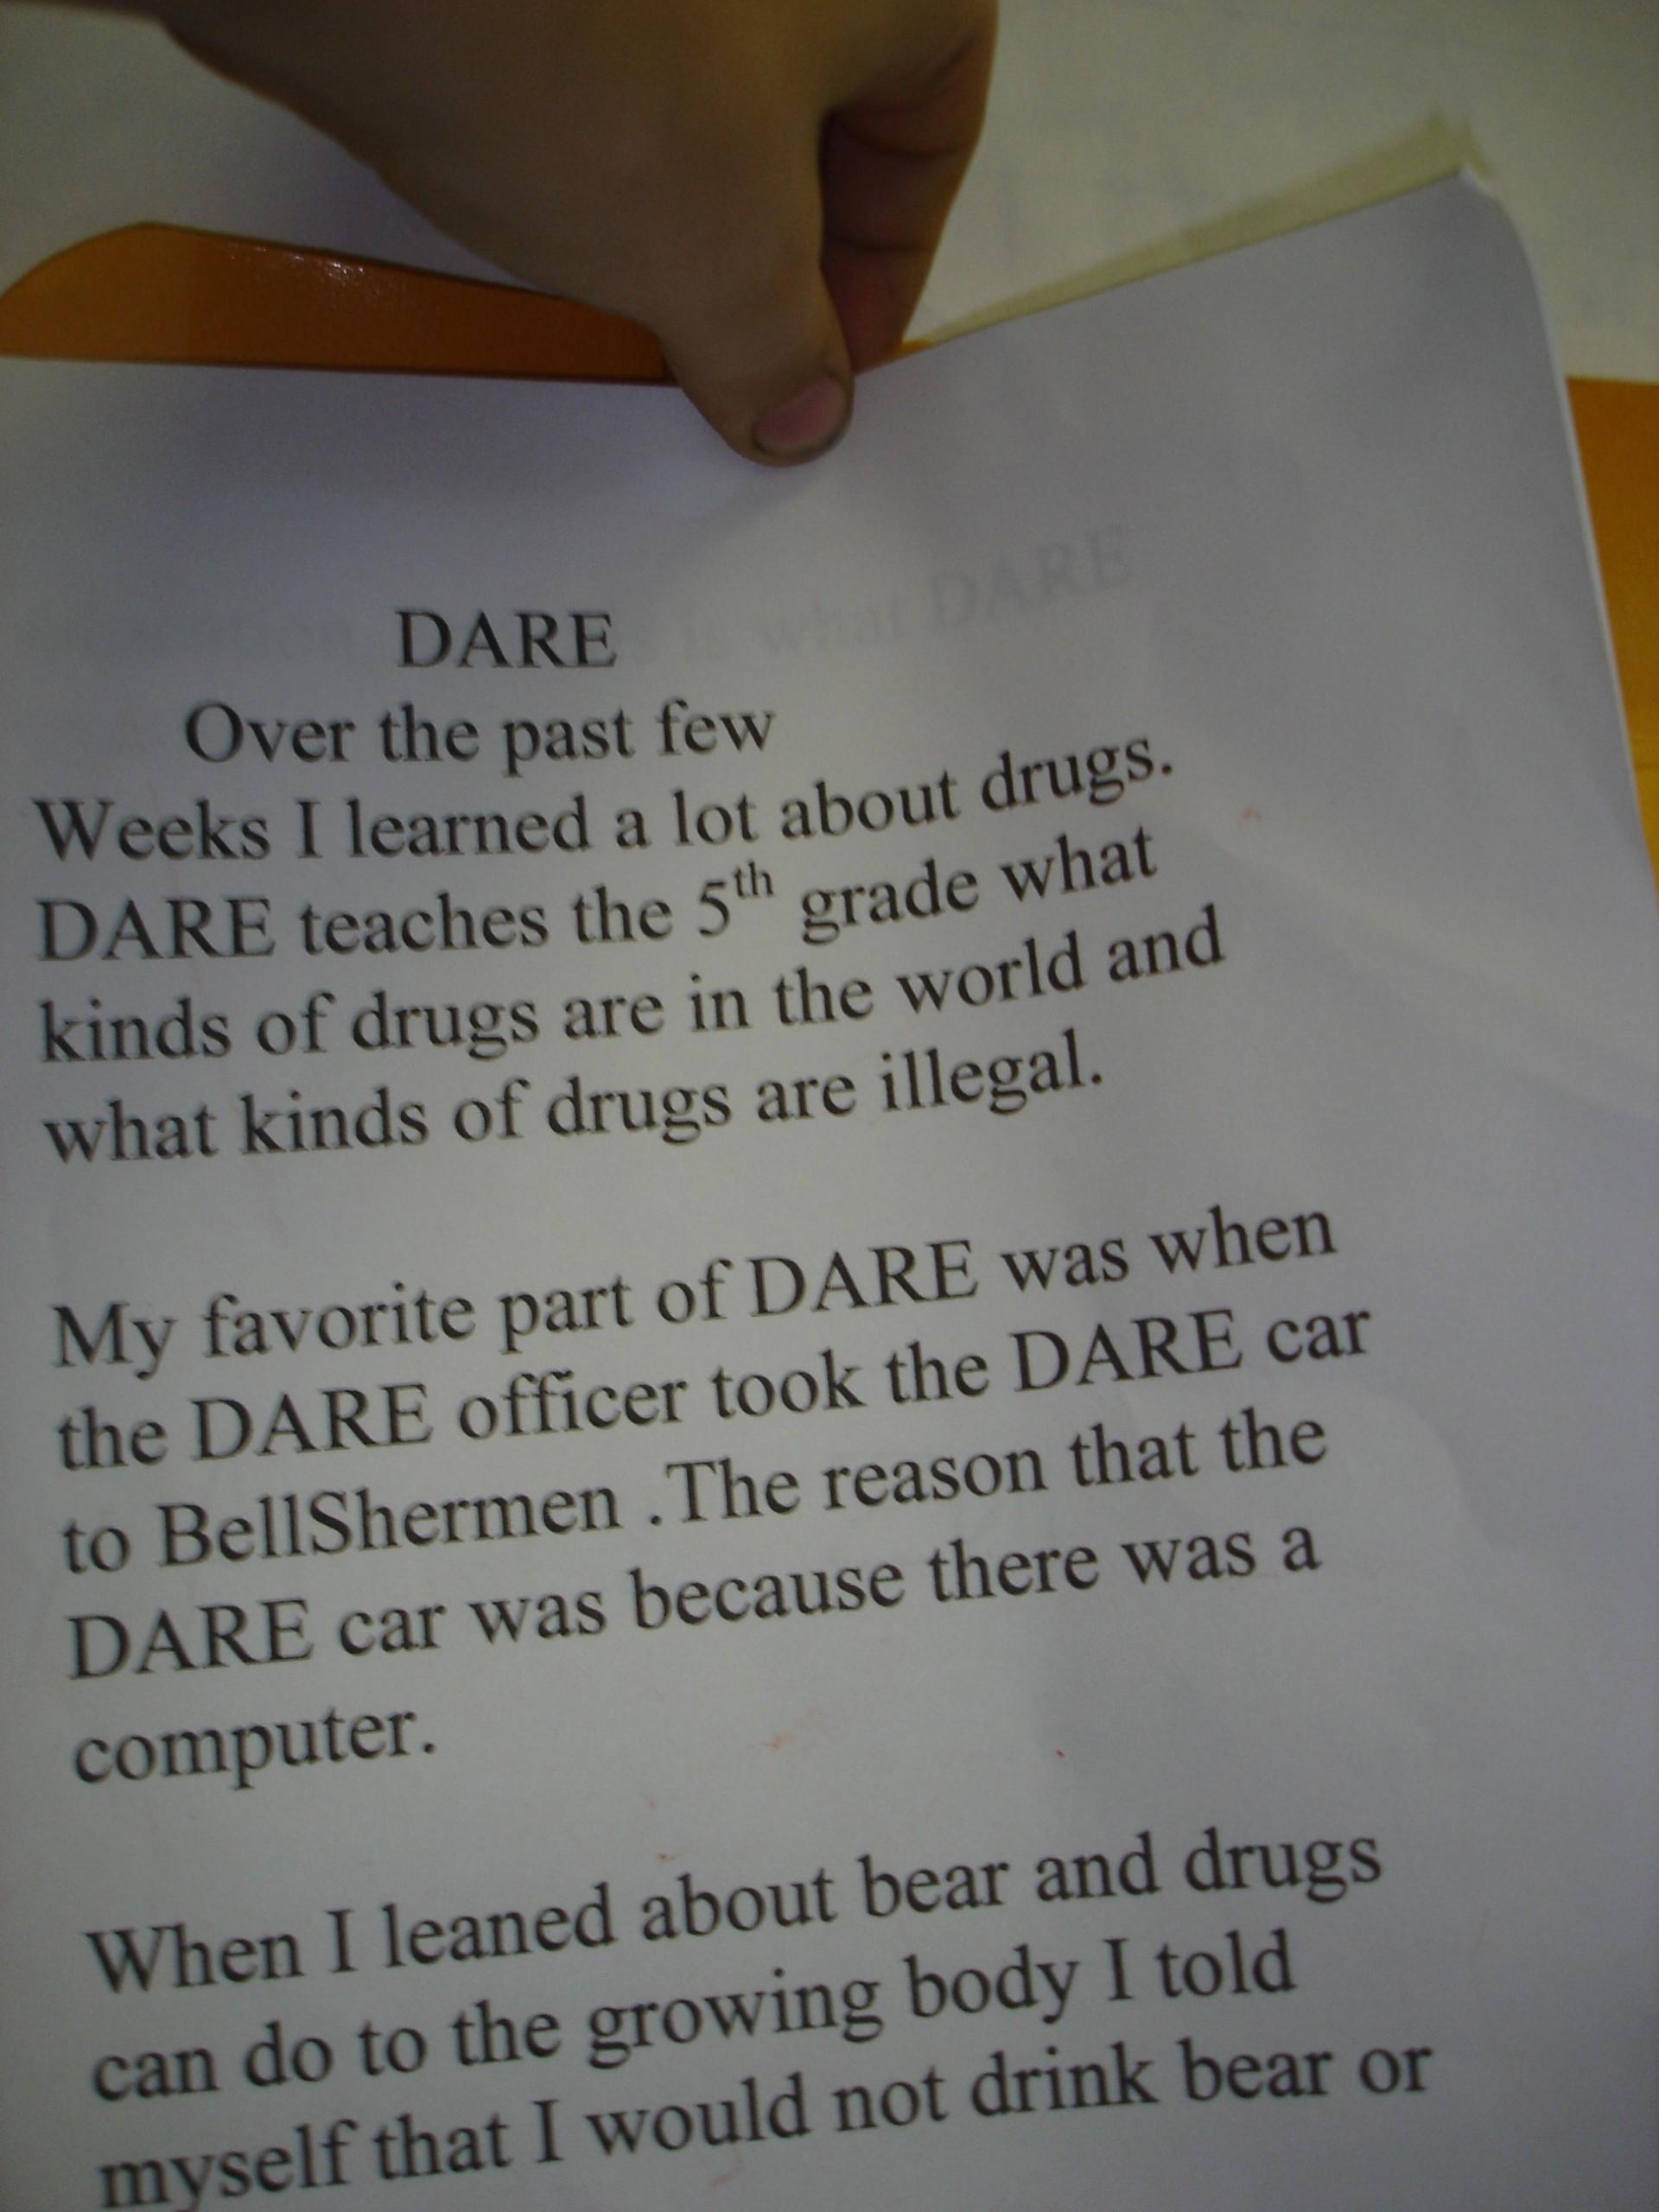 Dare Essay 5th Grade Examples Winning Essays